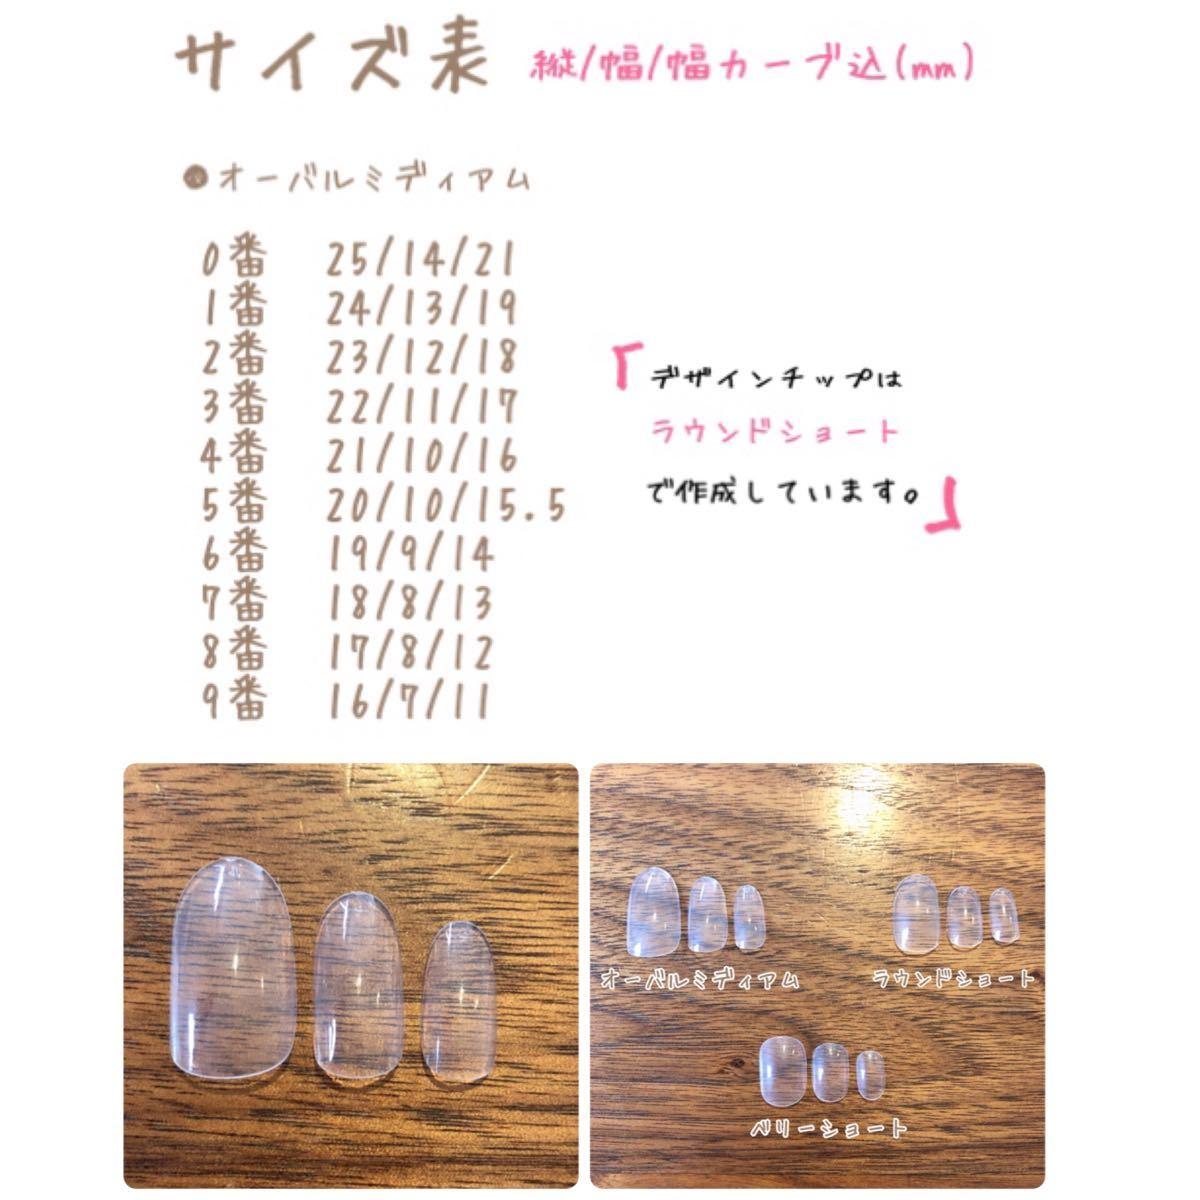 ネイルチップ No.17 コーデュロイ風/ニットネイル/マットネイル/冬ネイル